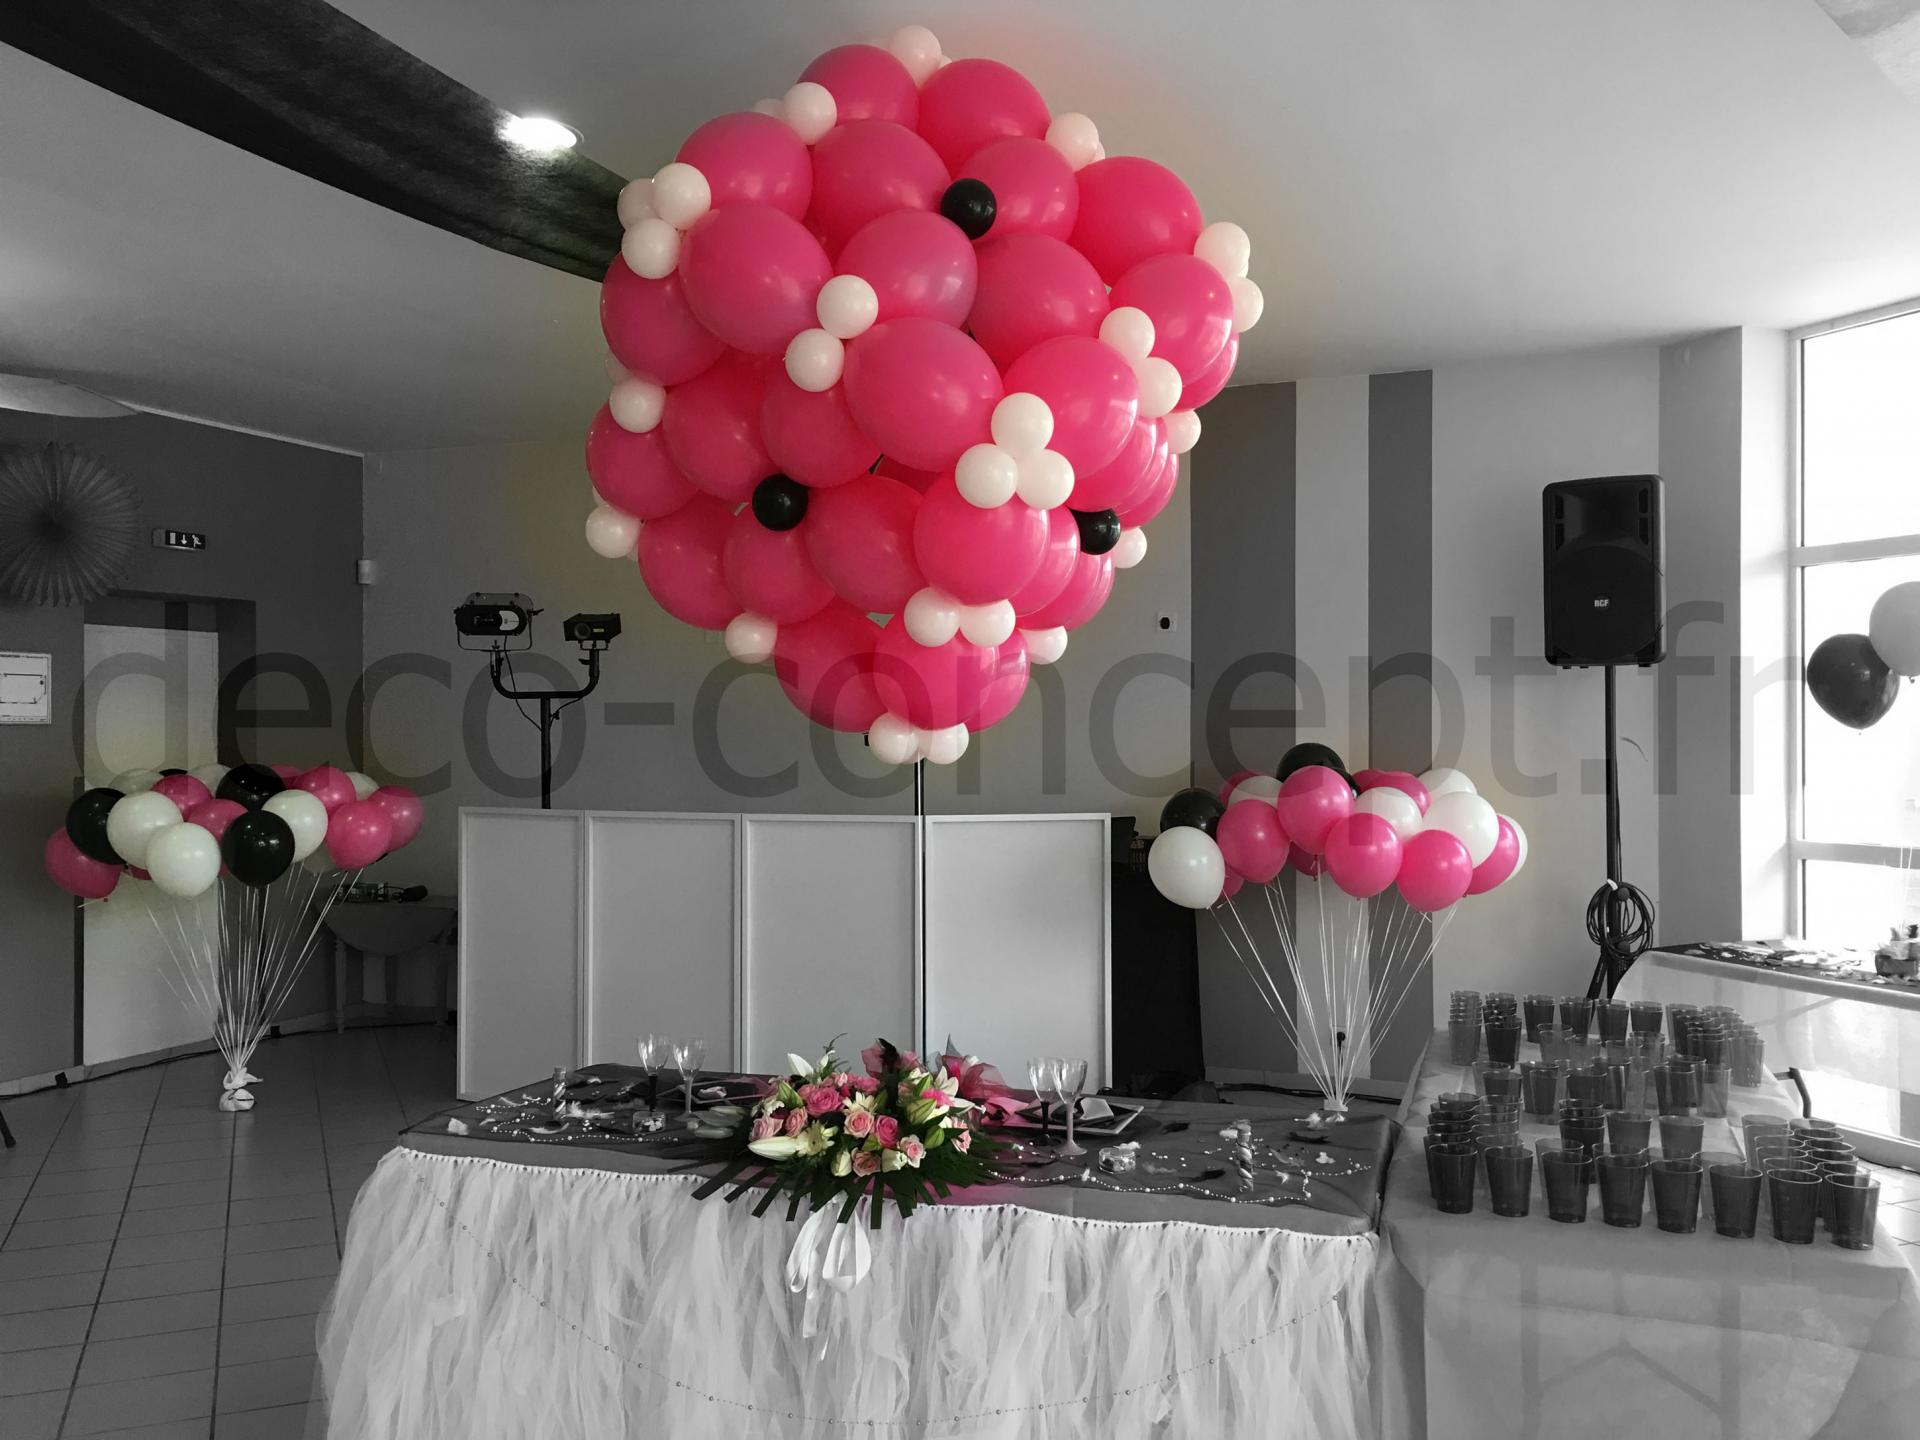 Déco de Ballons Mariage Reims